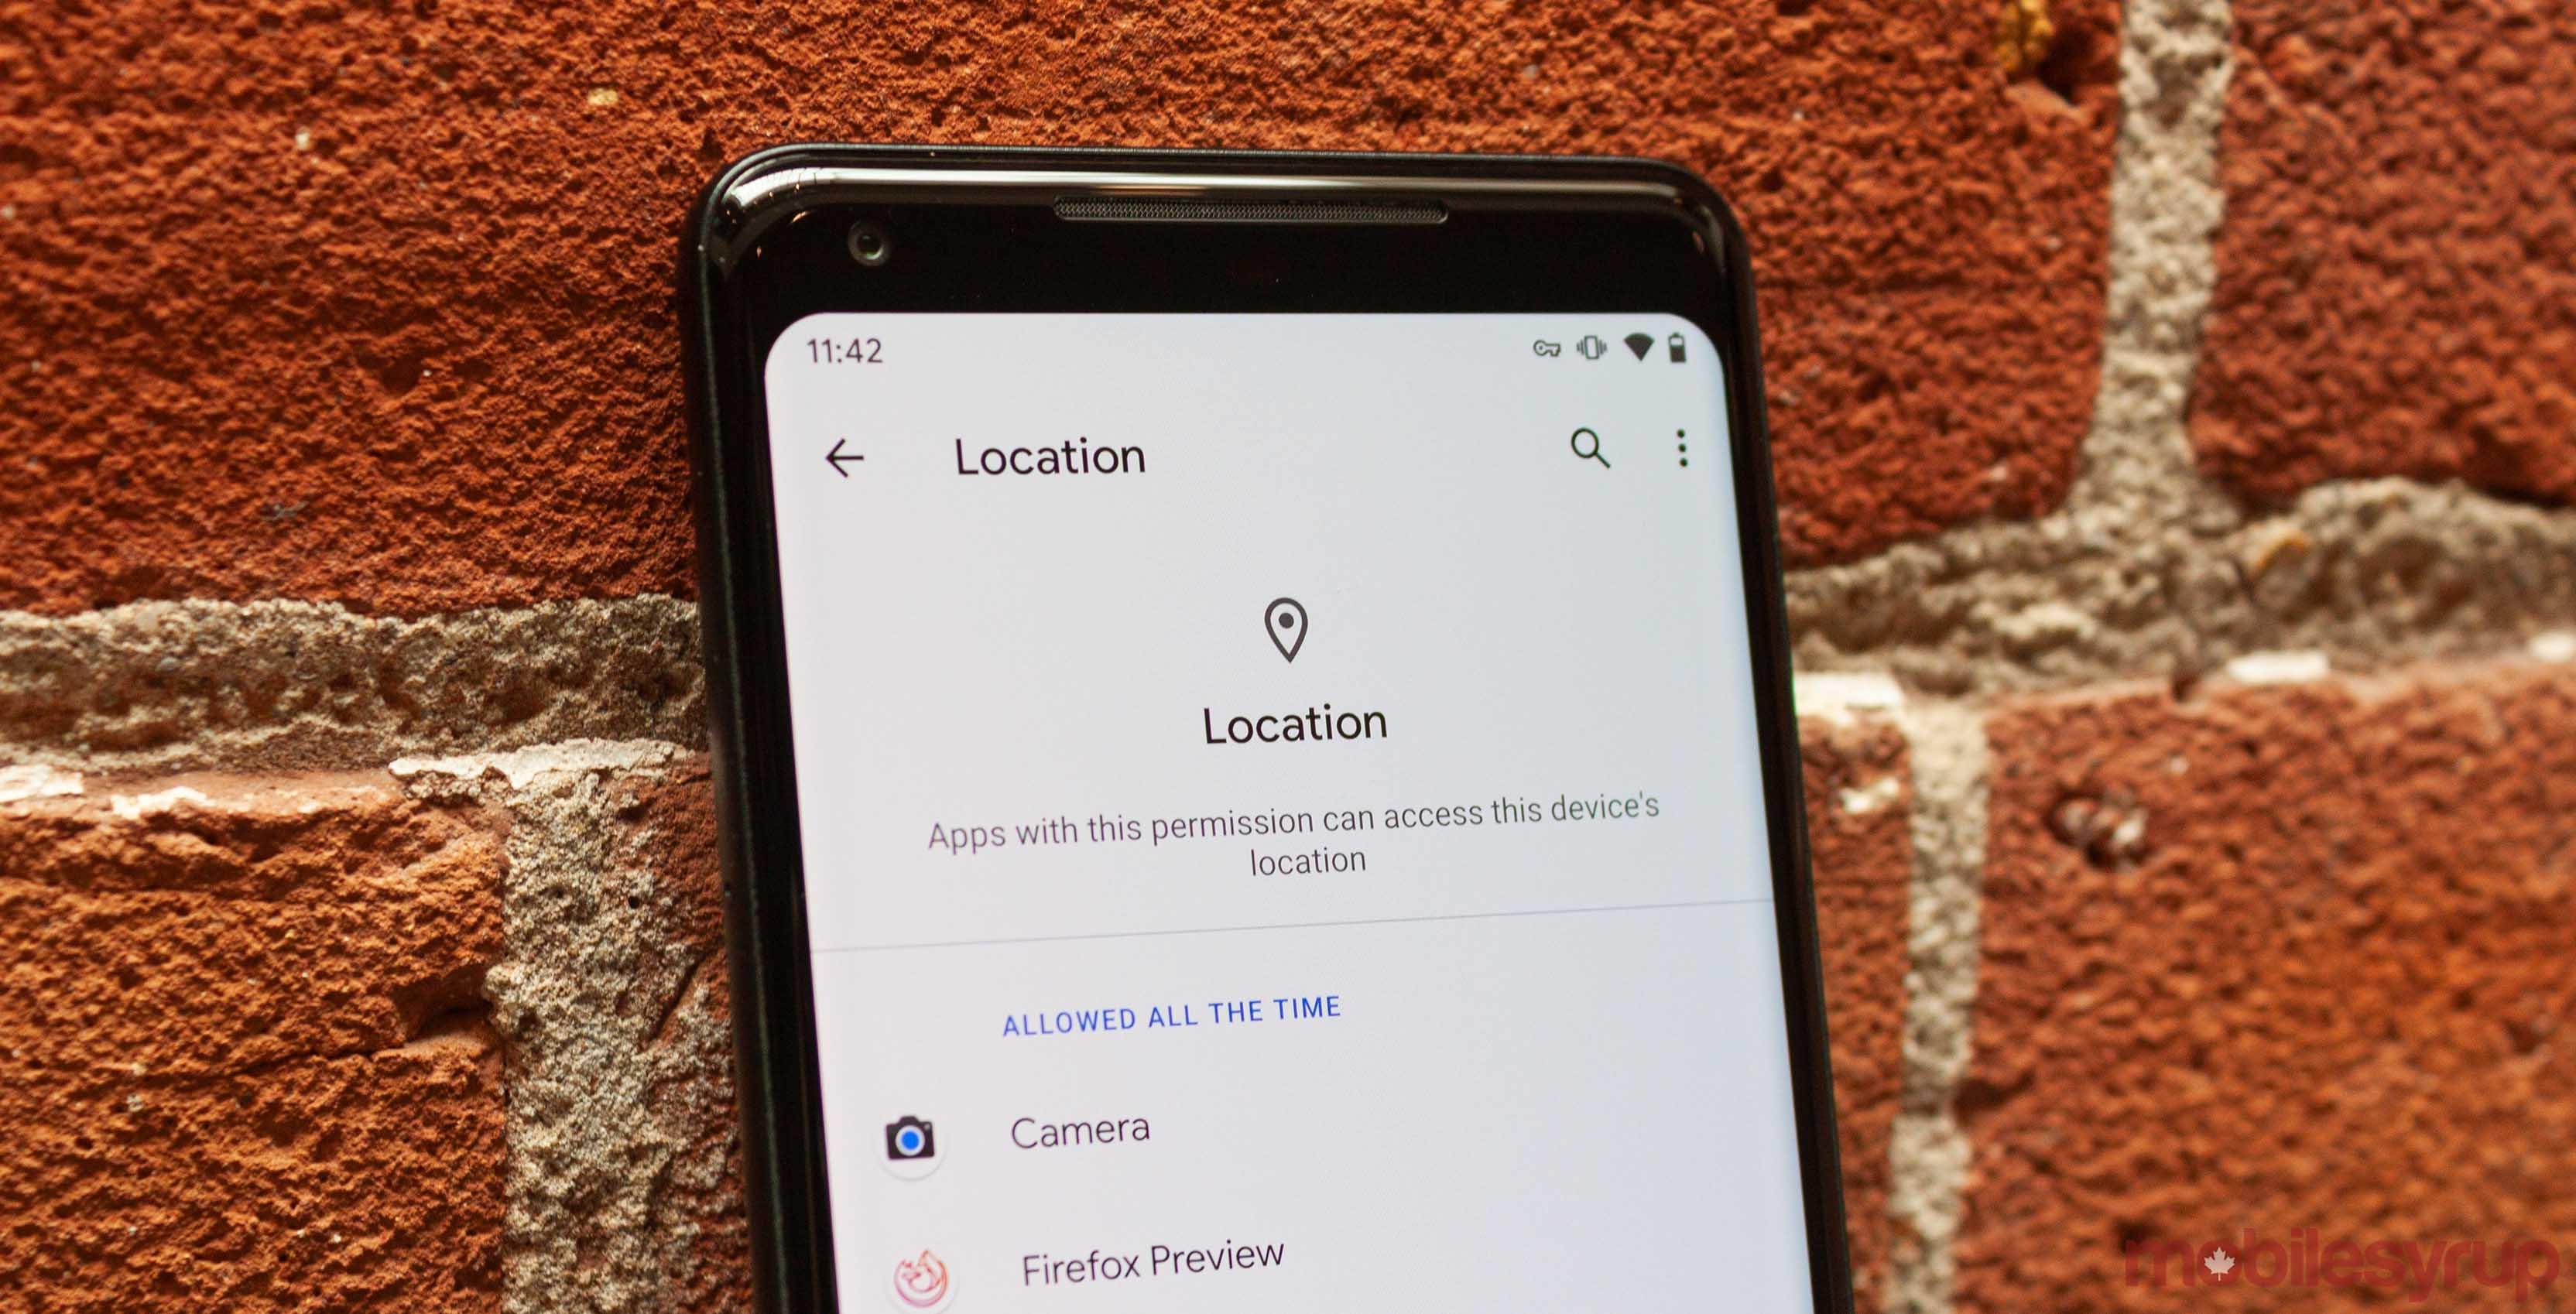 Android Q location menu